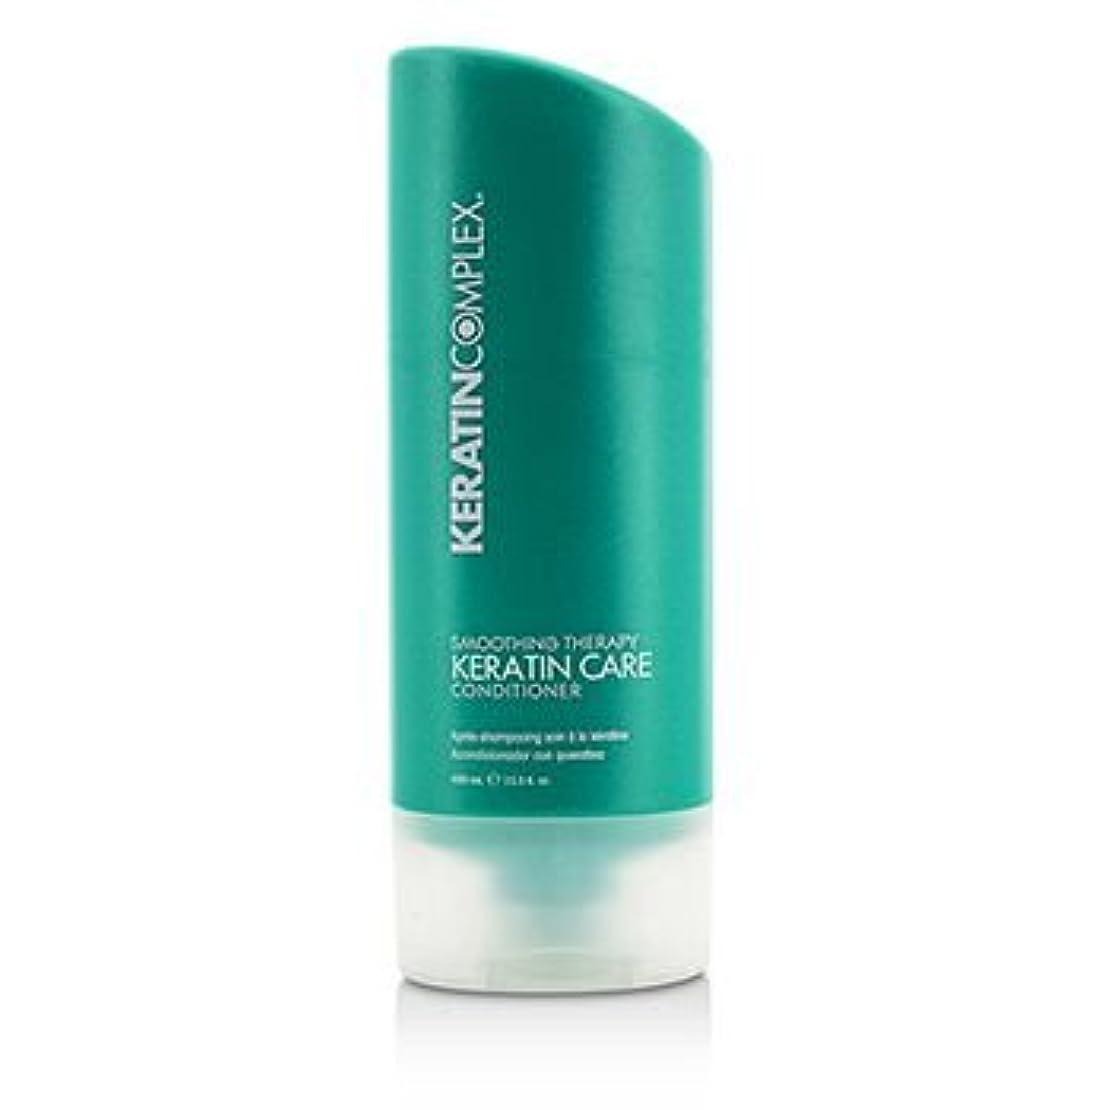 今後登録登録する[Keratin Complex] Smoothing Therapy Keratin Care Conditioner (For All Hair Types) 1000ml/33.8oz